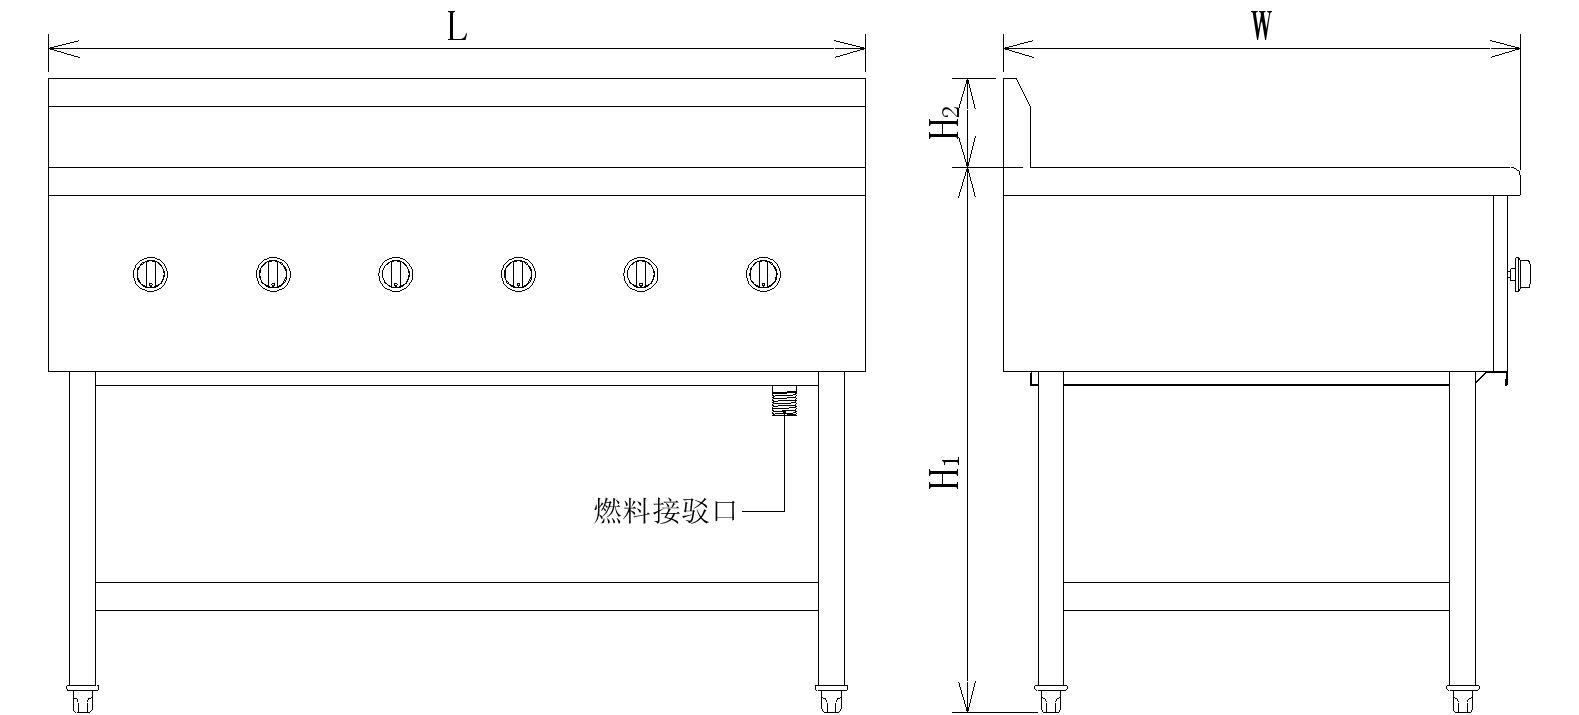 圖片13.jpg